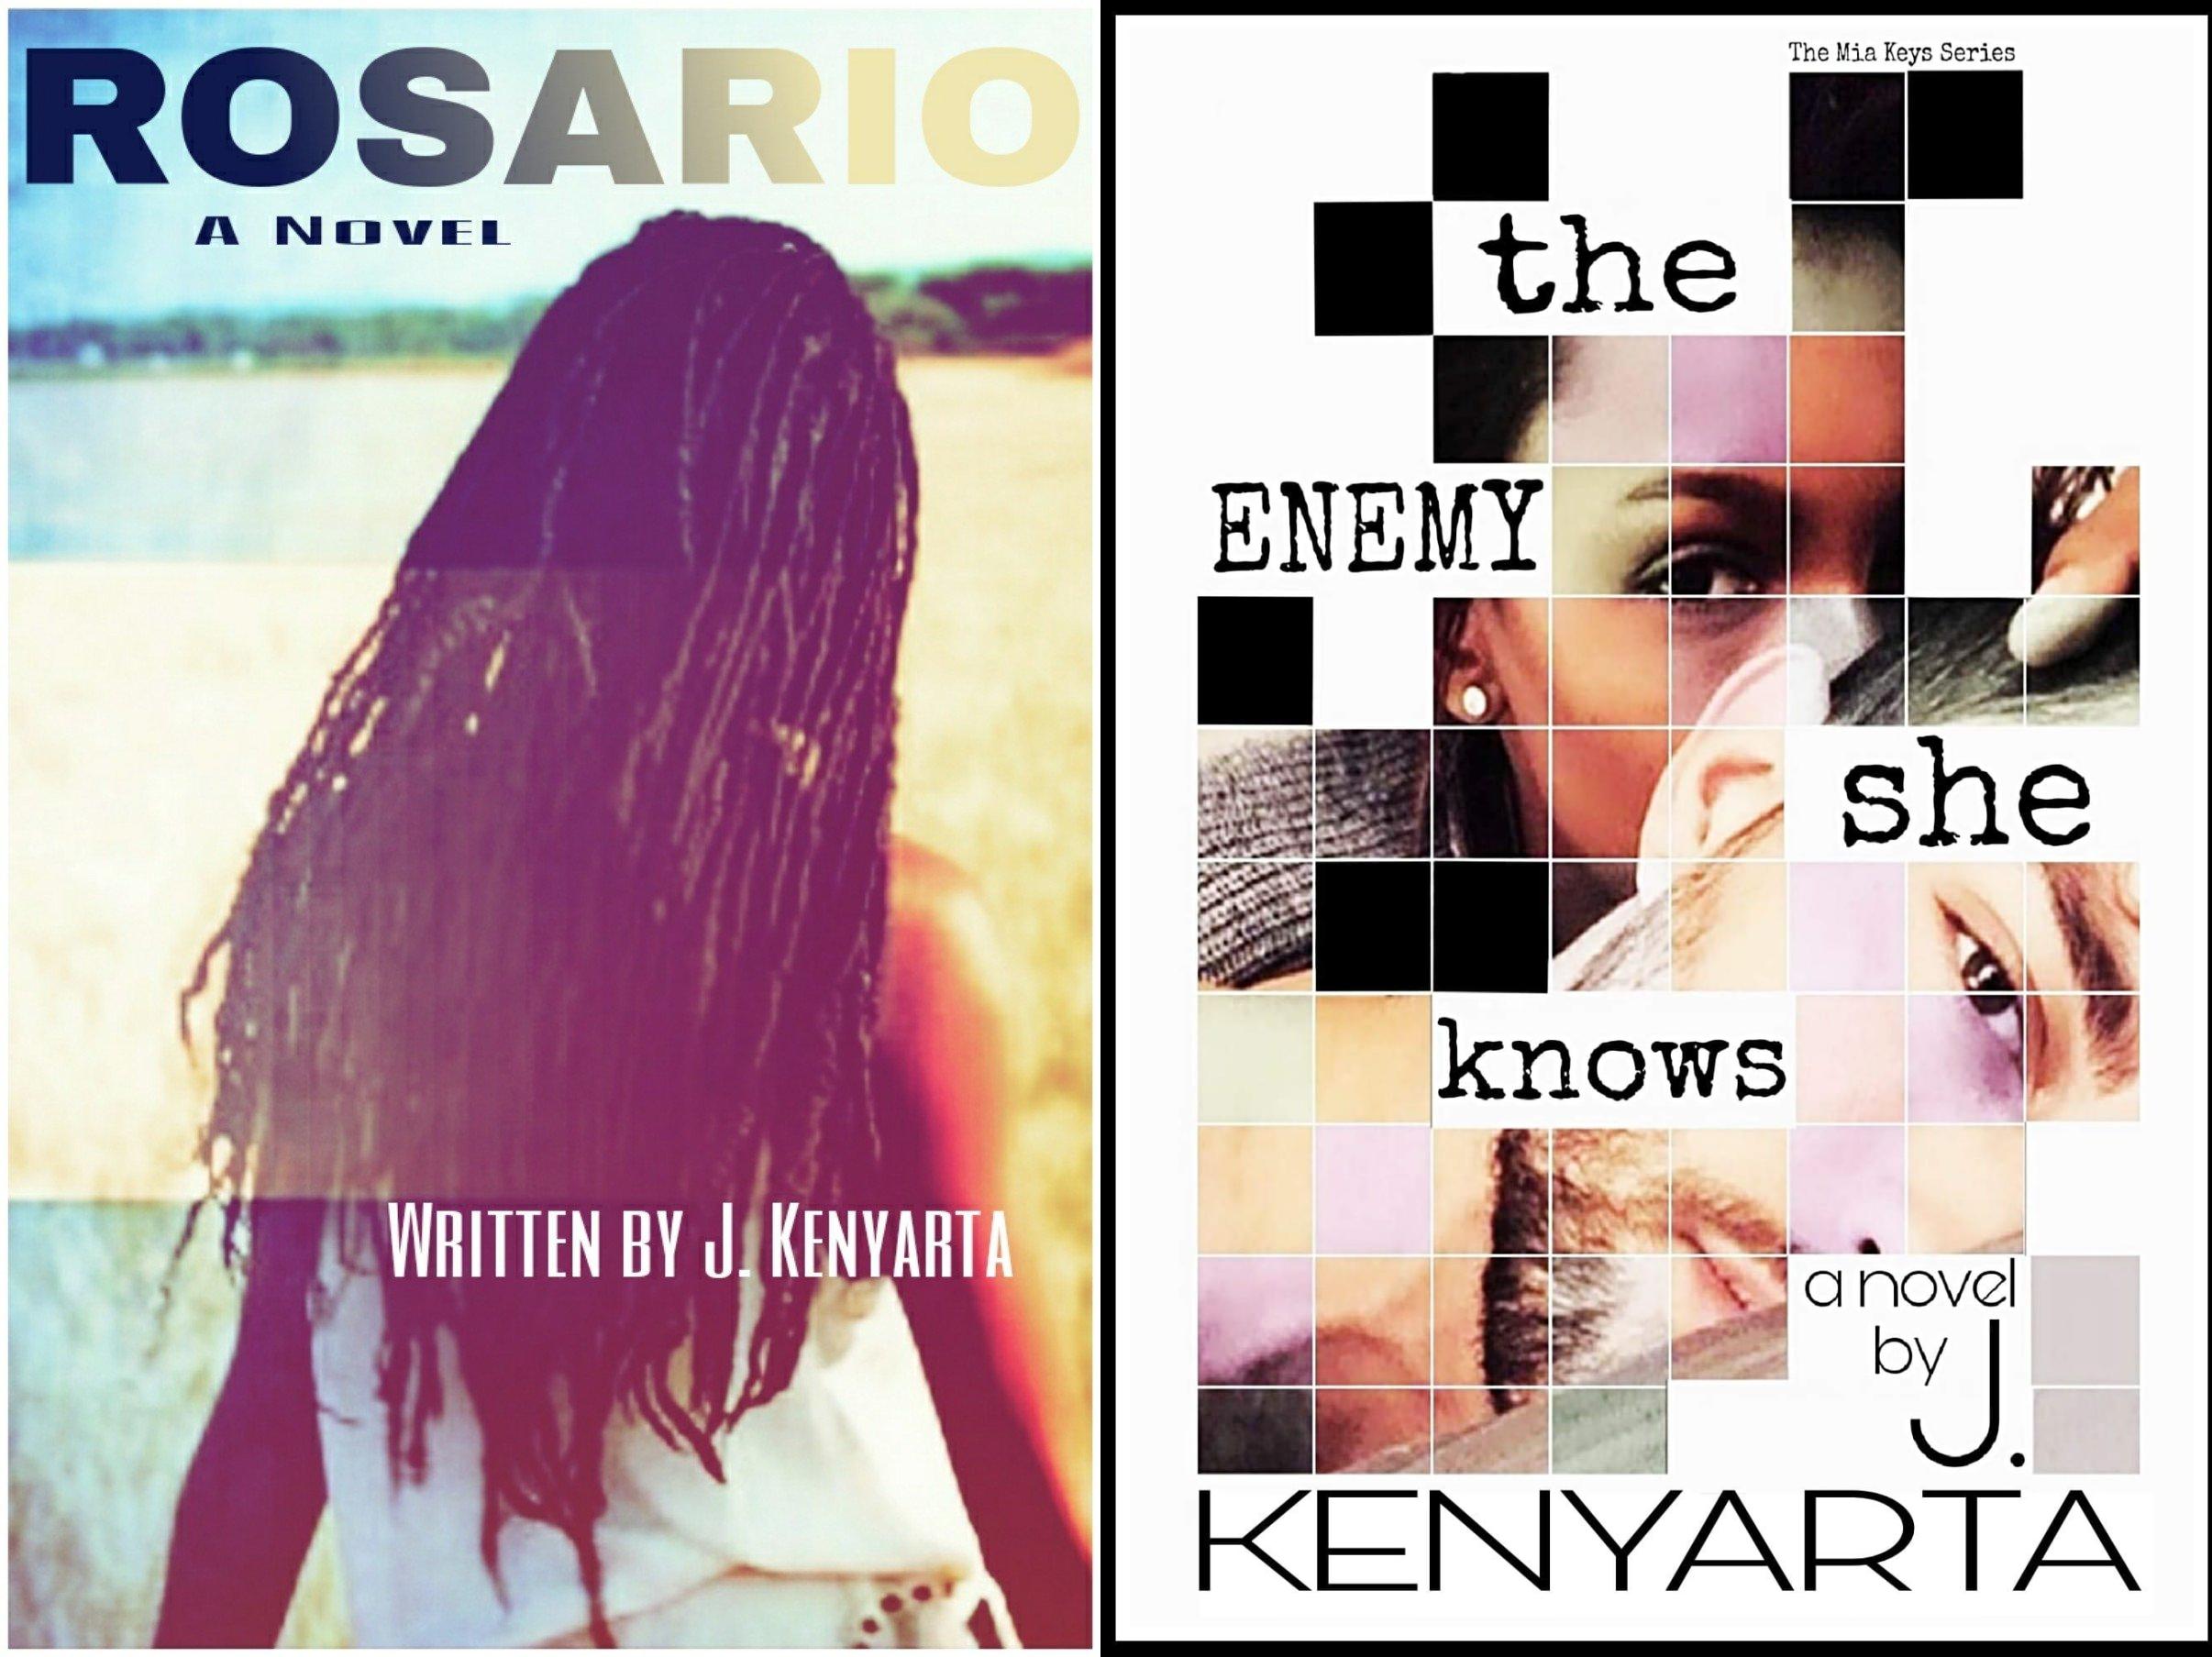 Books : The Mia Keys Series (2 Book Series)